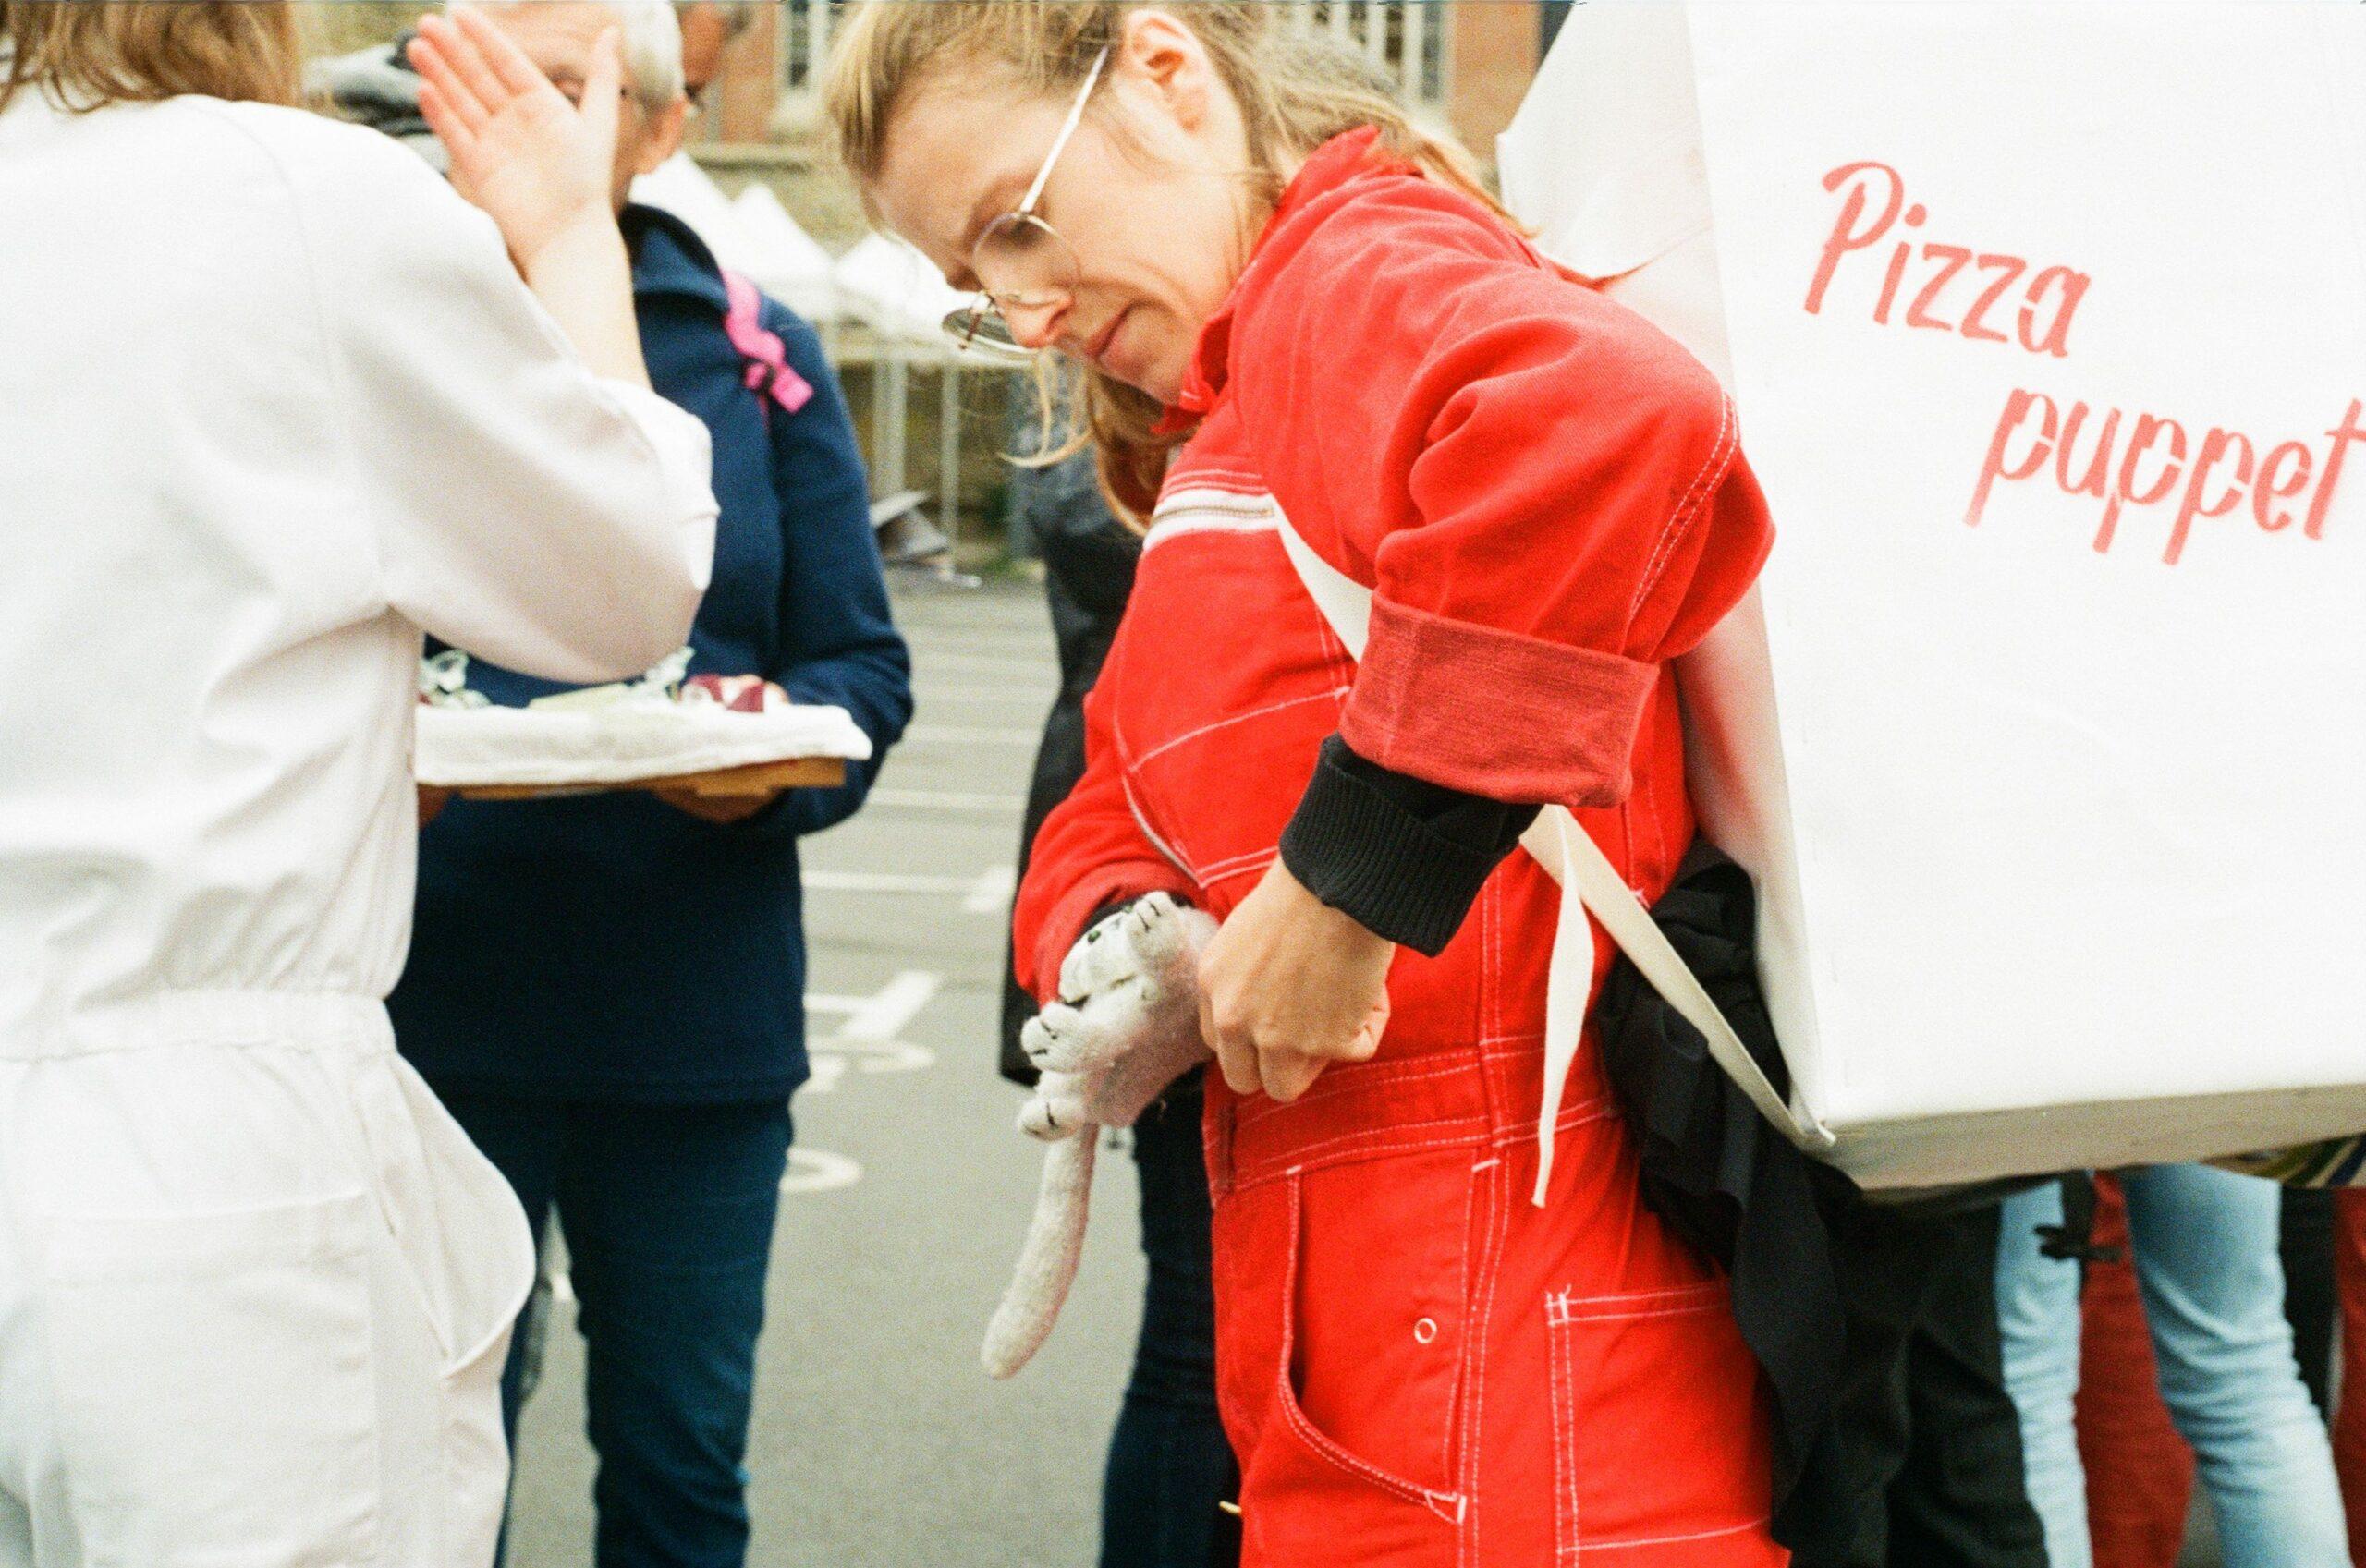 Pizza puppet ! Square du Docteur-Grancher Paris